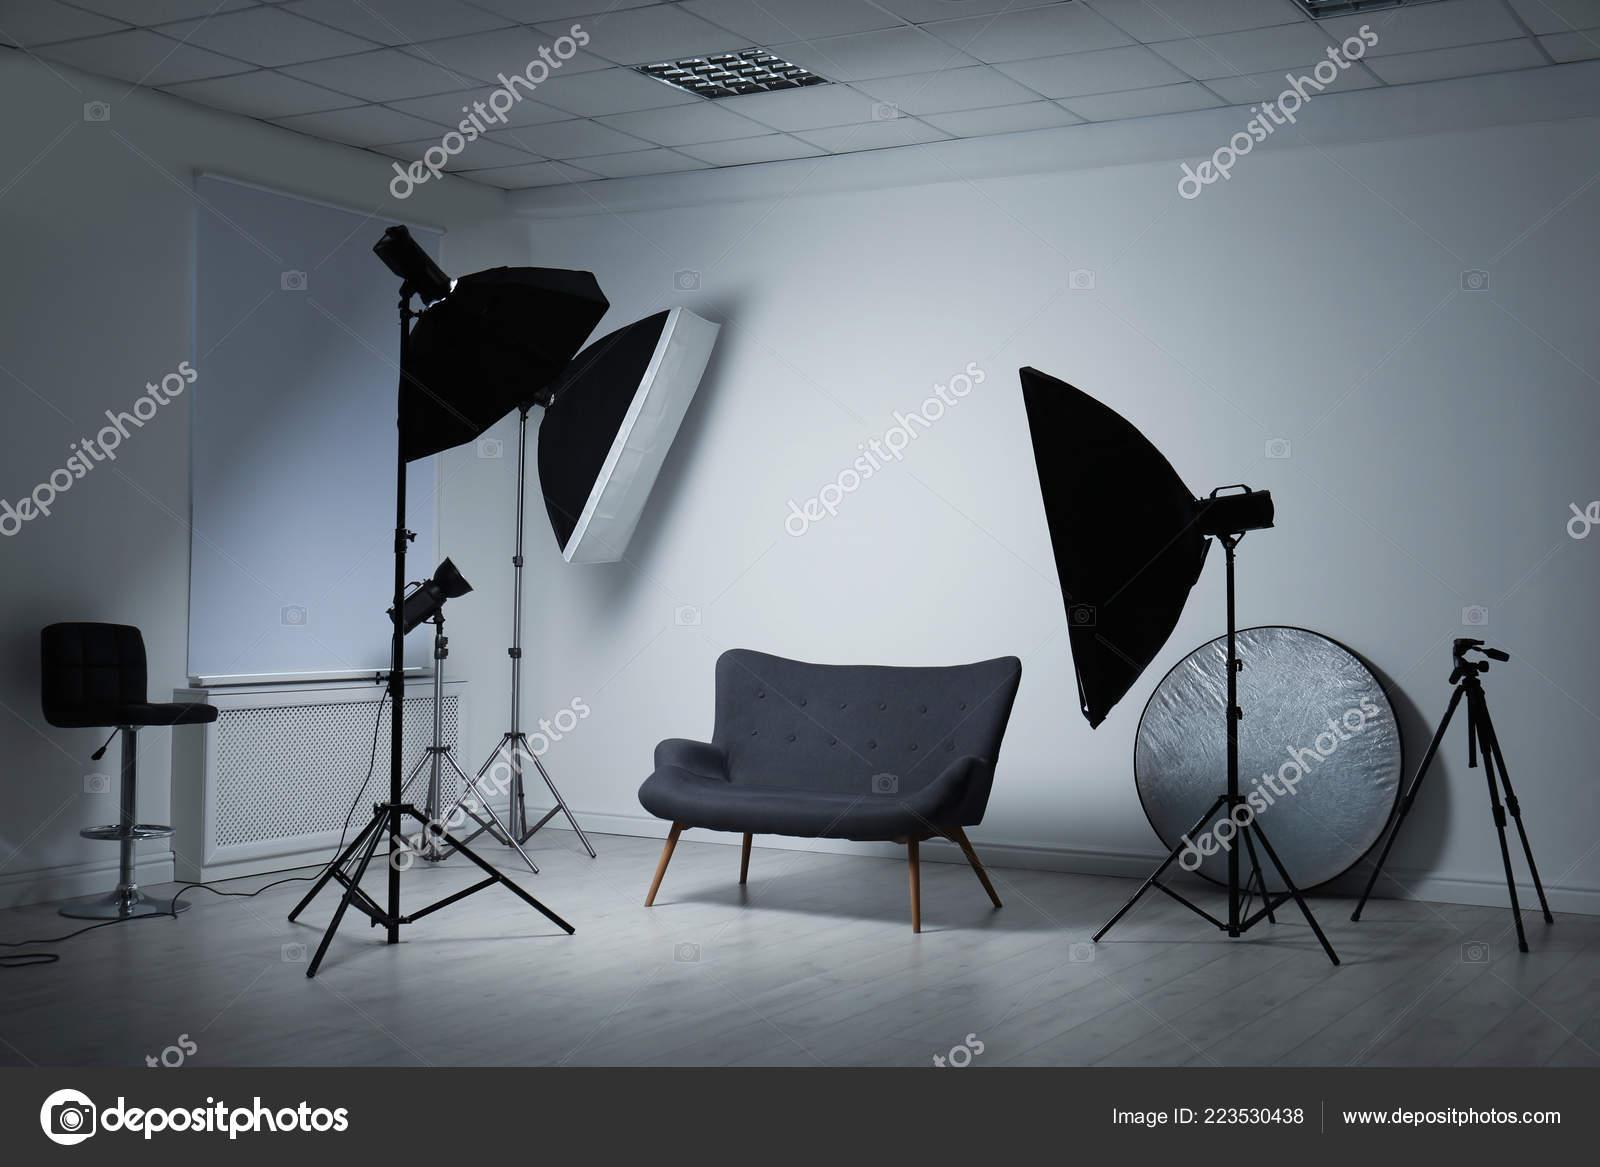 modern photo studio professional lighting equipment stock photo image by c newafrica 223530438